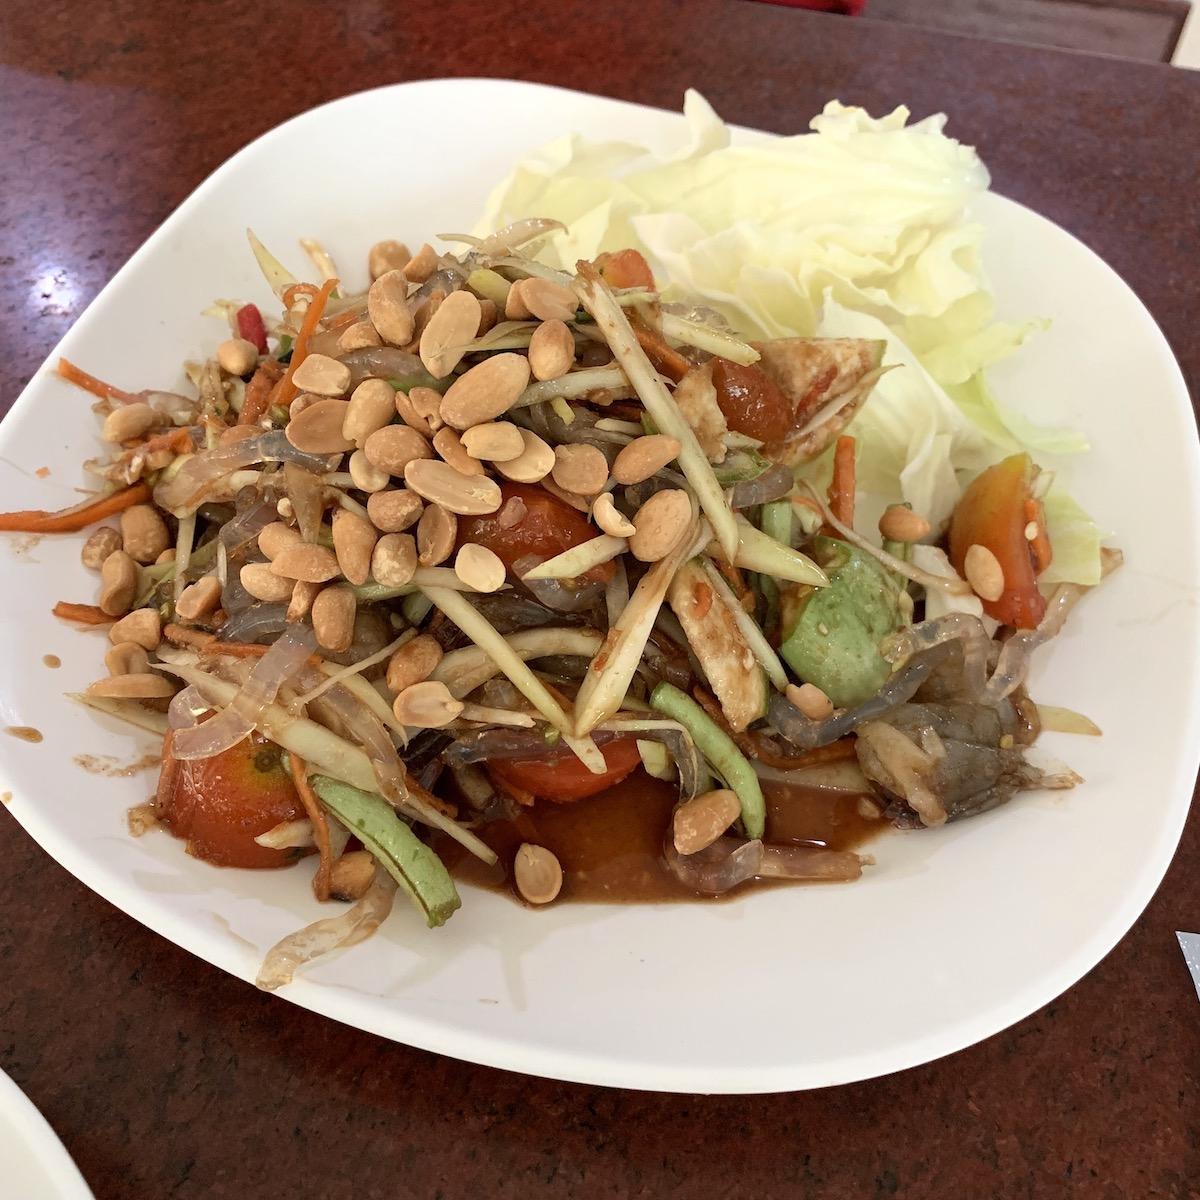 ショッピングモール「タラートサオ」のフードコート Shurimp spicy salad